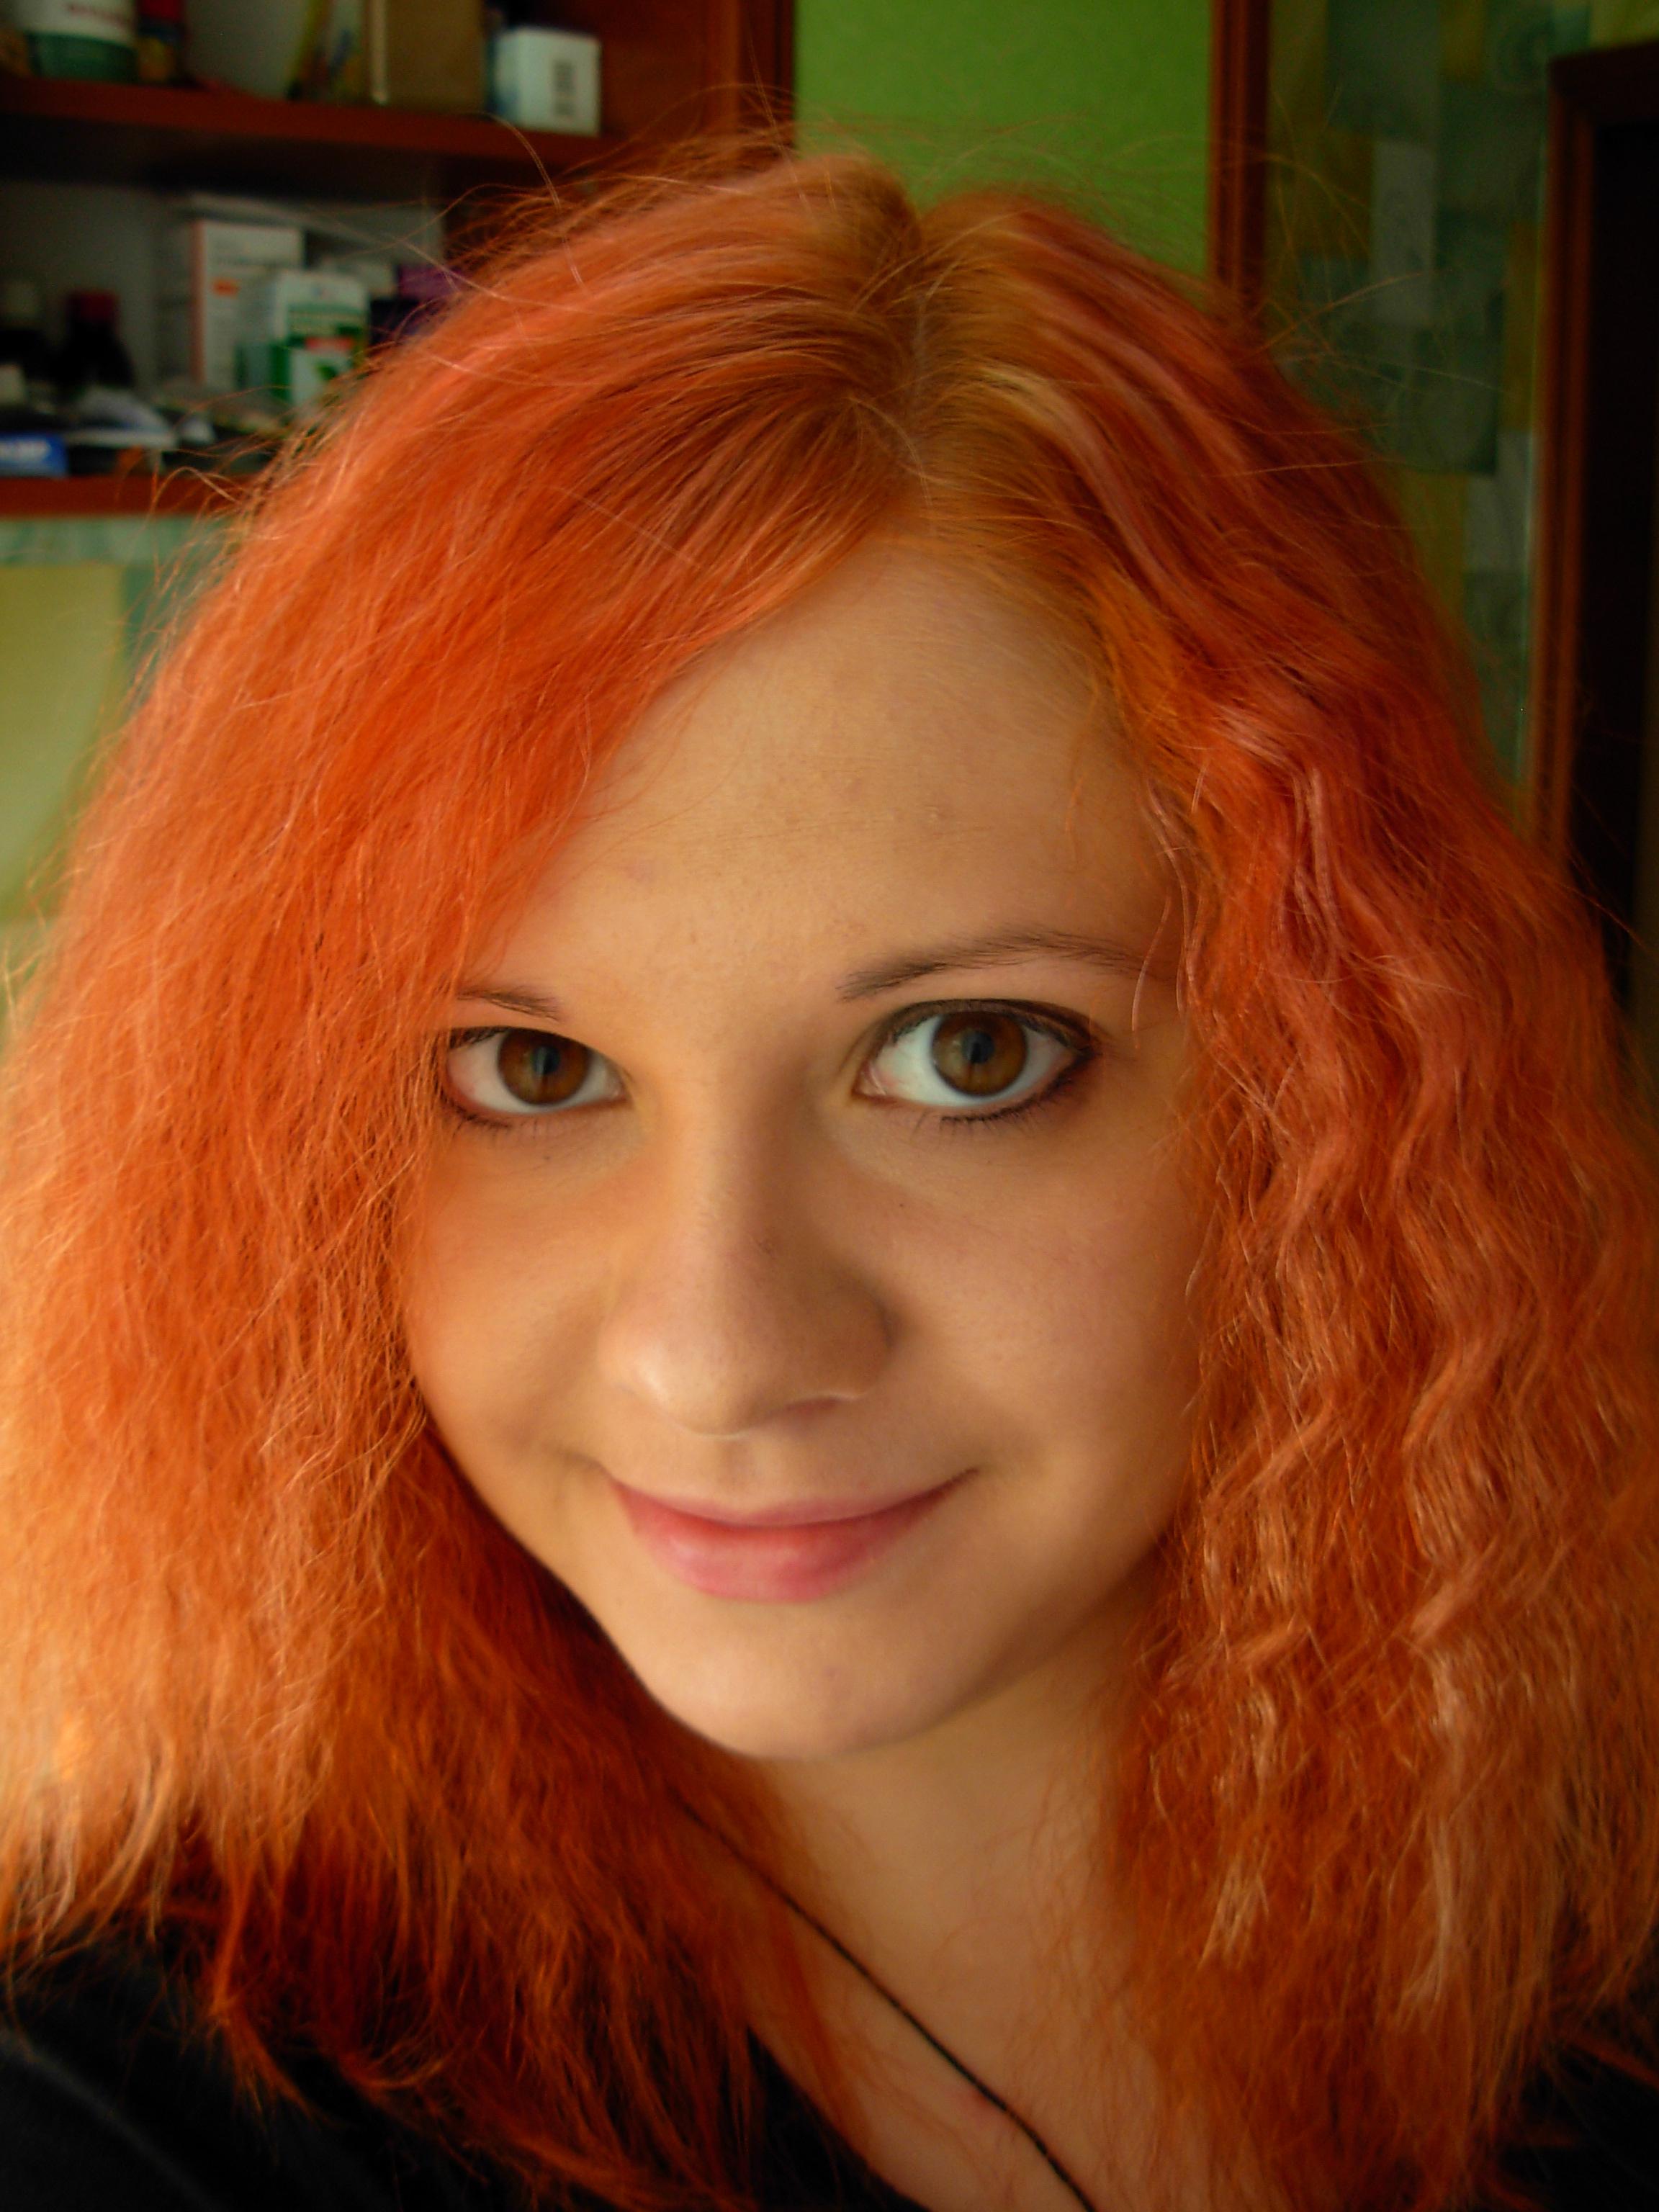 Краска для волос рыжий цвет волос фото